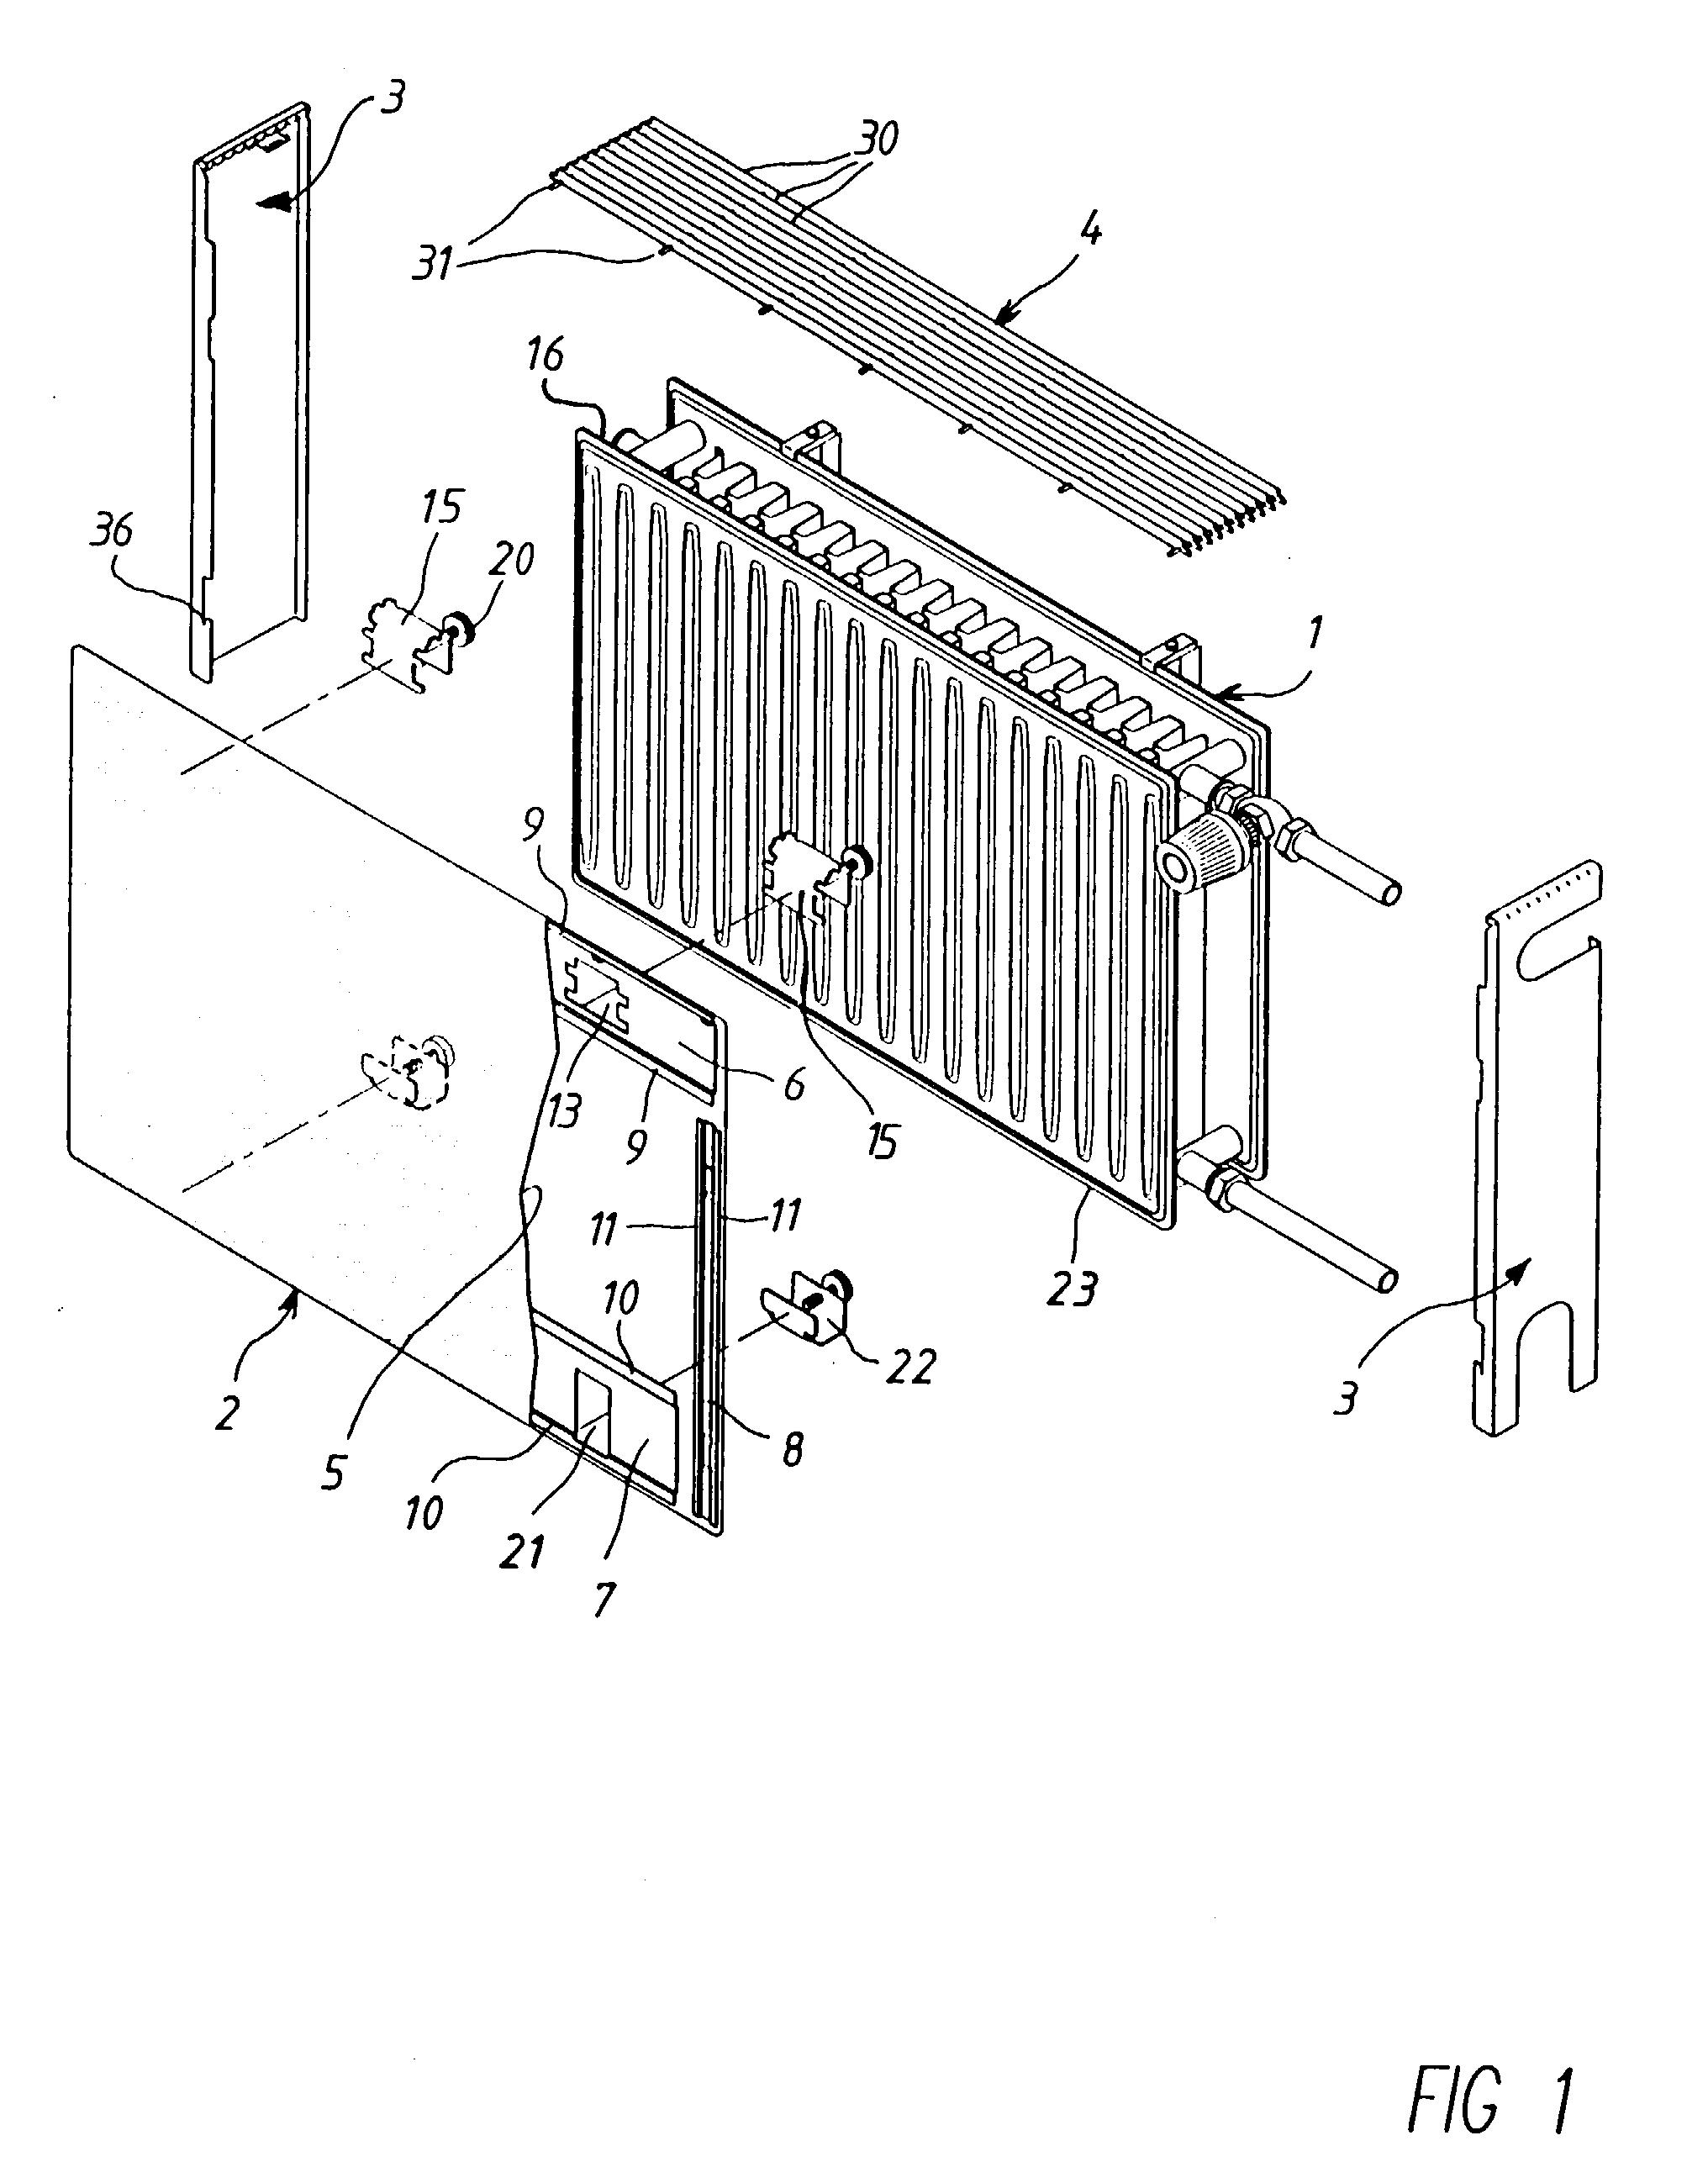 patent ep0787955b1 verkleidung f r einen plattenheizk rper google patentsuche. Black Bedroom Furniture Sets. Home Design Ideas